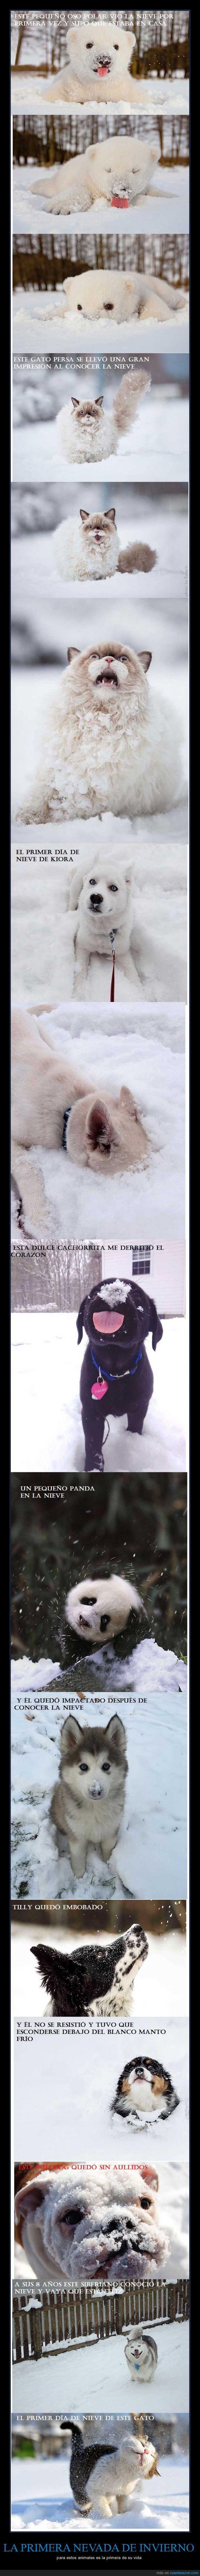 animales,frio,gatos,nieve,osos,panda,perro,ternurita